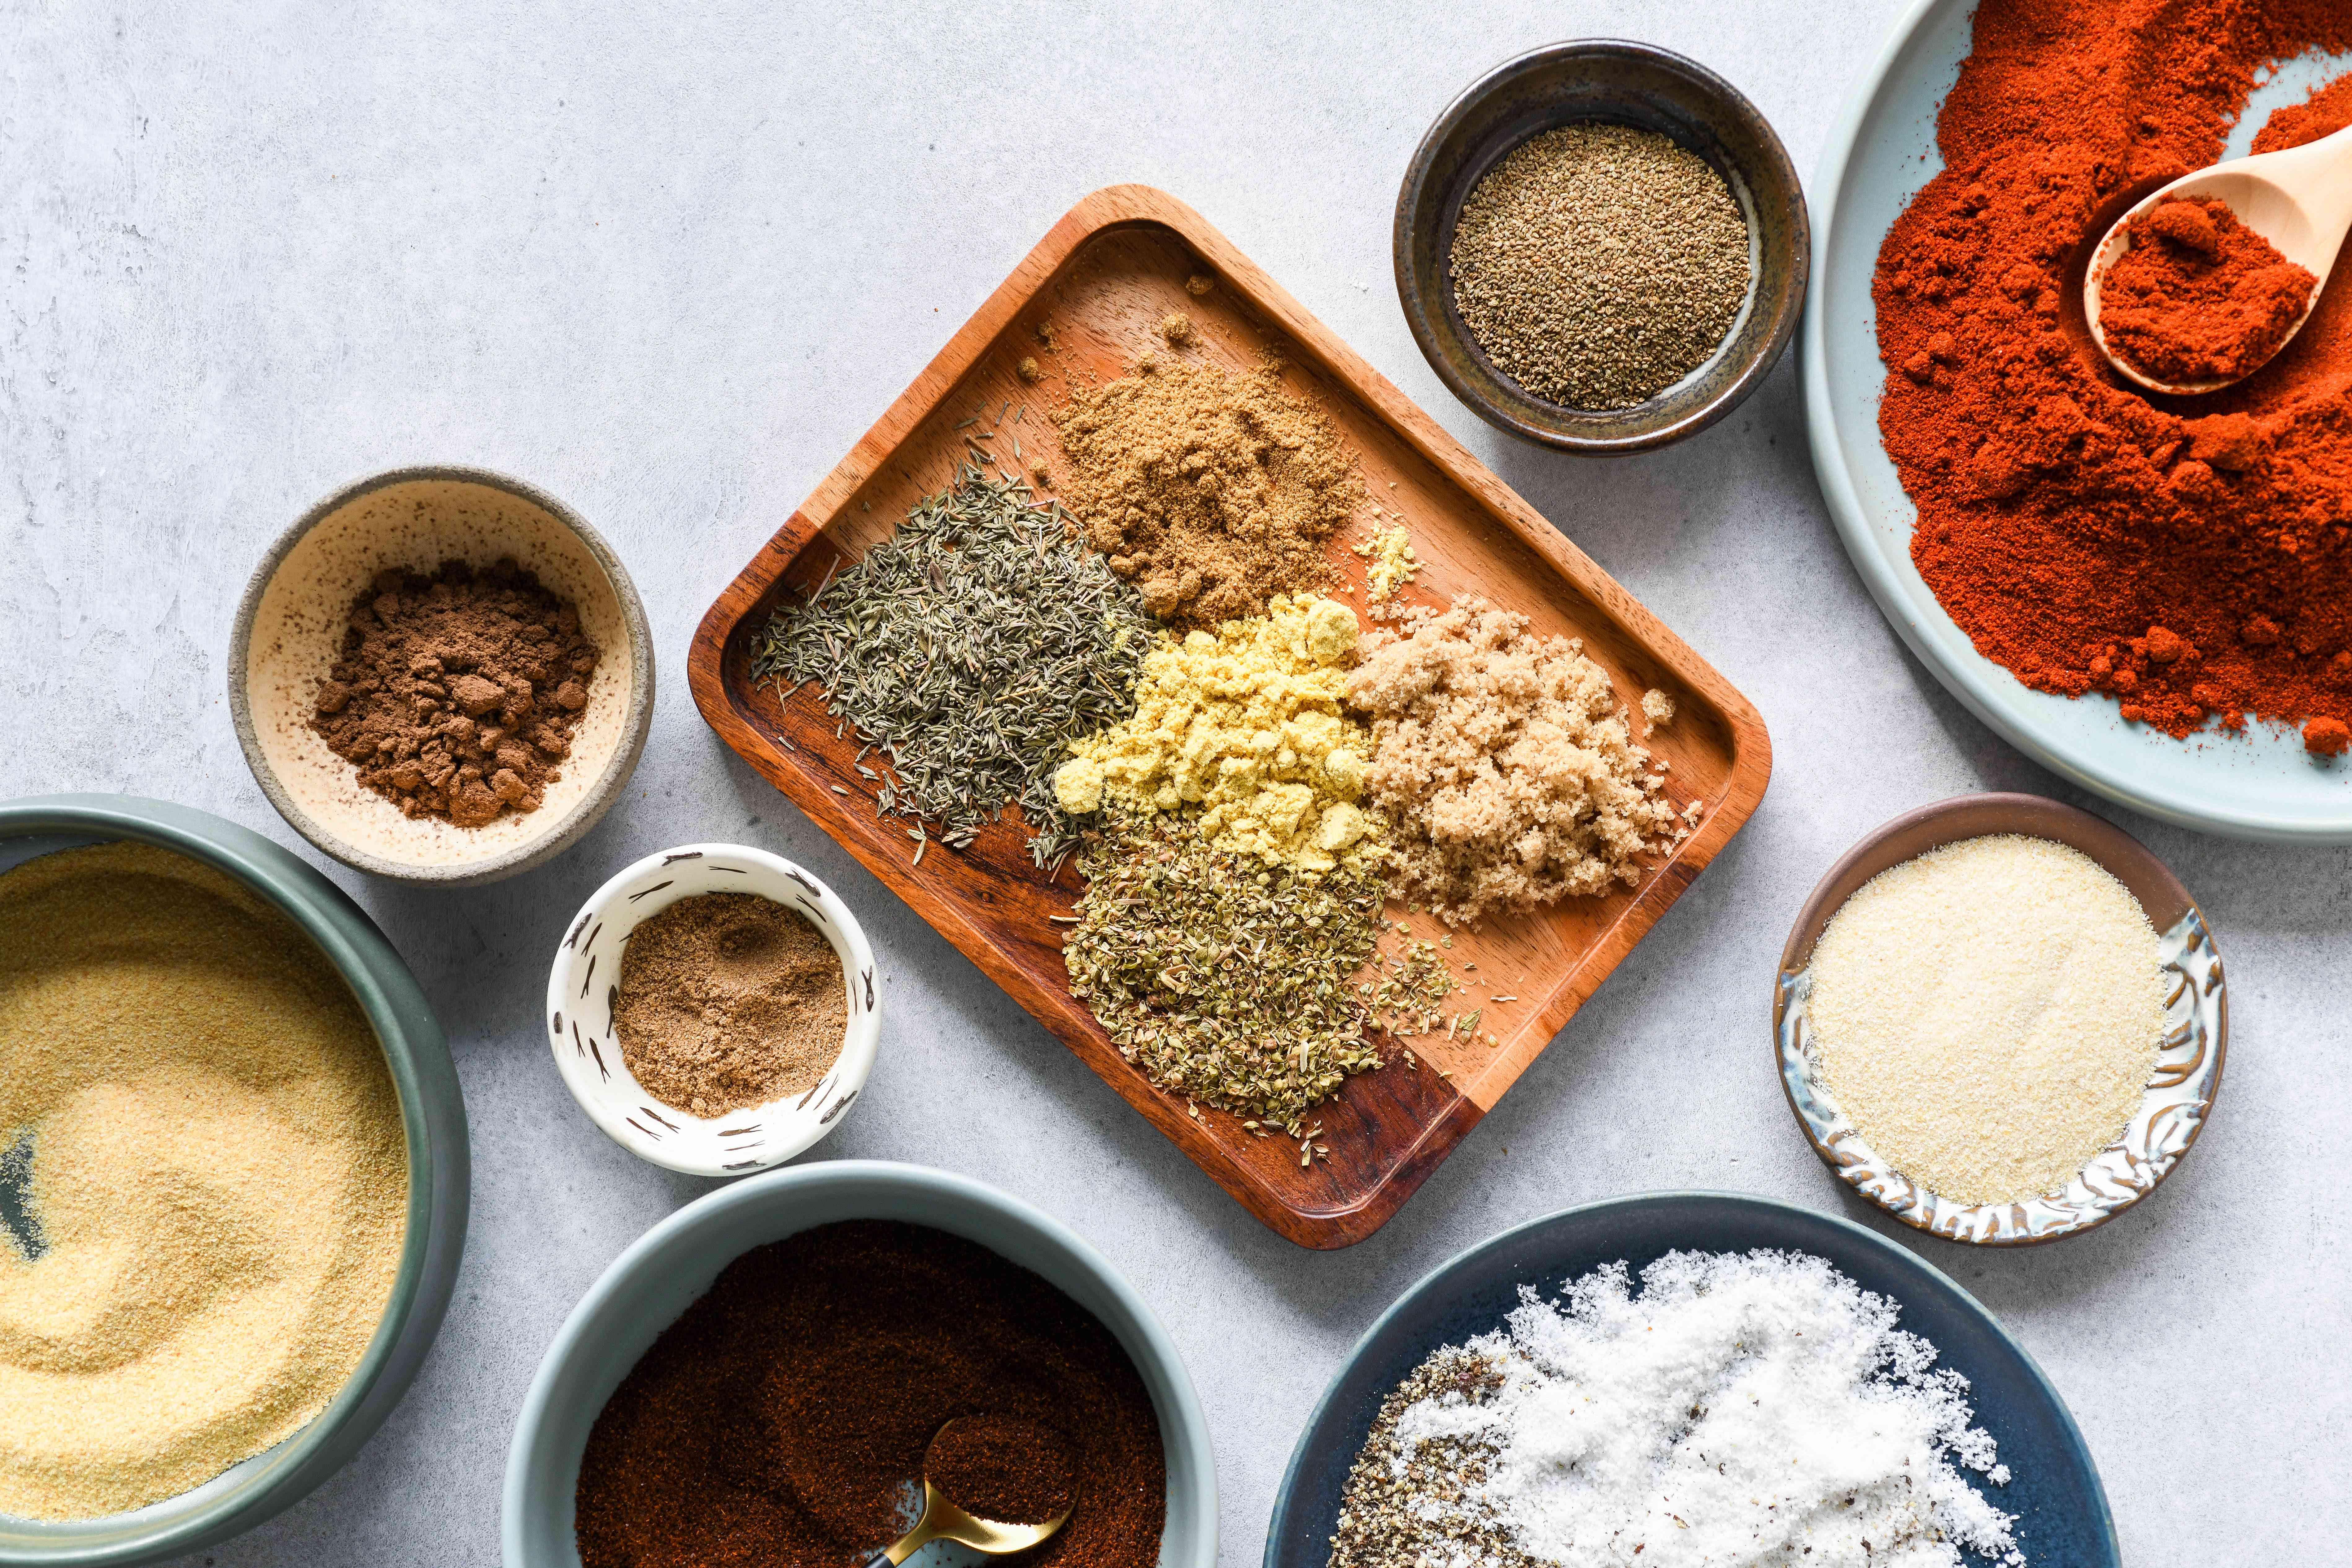 Mouthwatering Memphis Rub ingredients